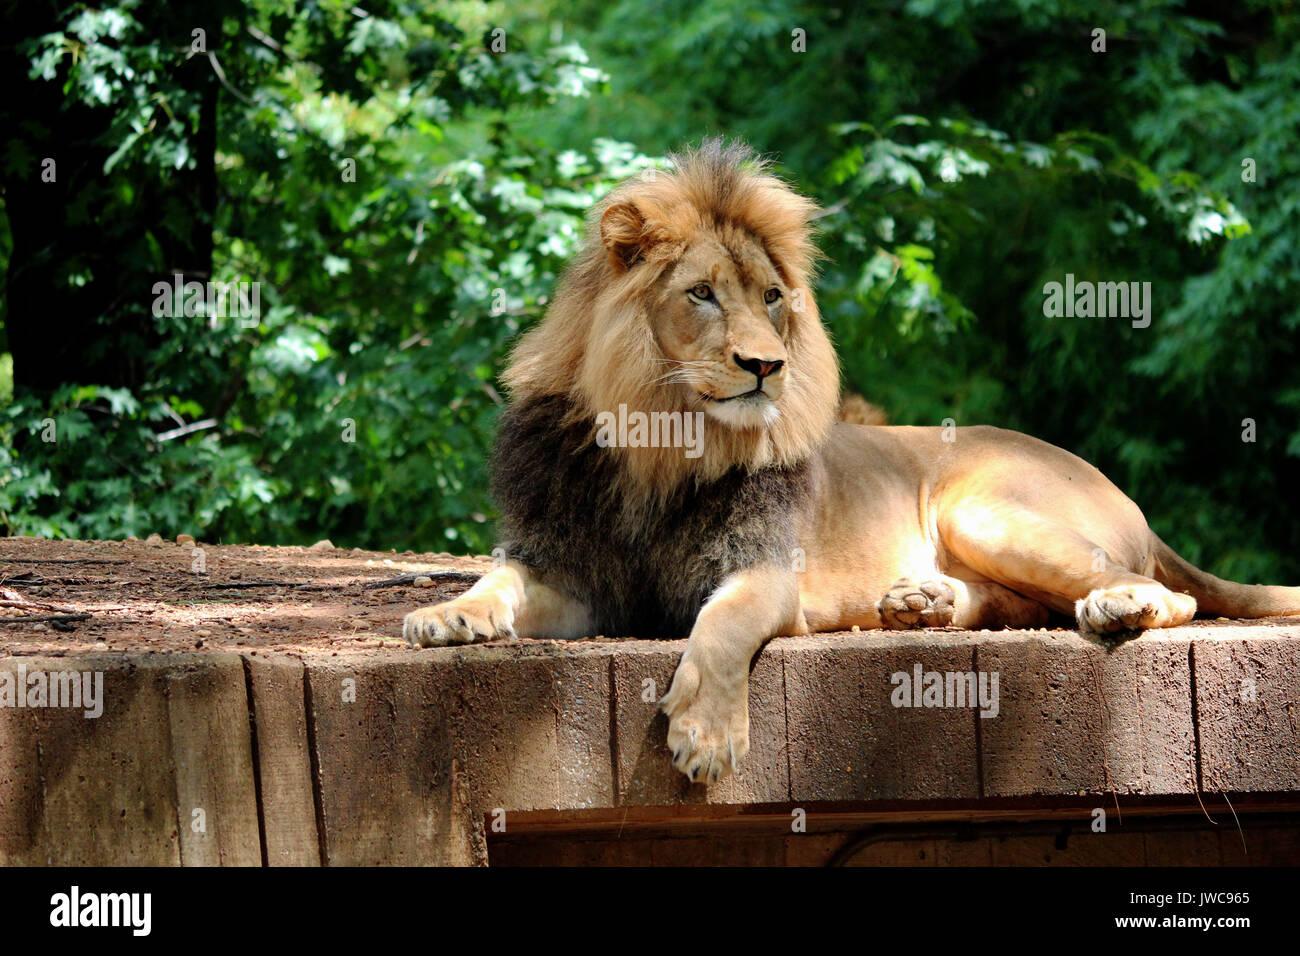 Un Lion rilassante nel suo habitat con una foglia verde dello sfondo. Immagini Stock